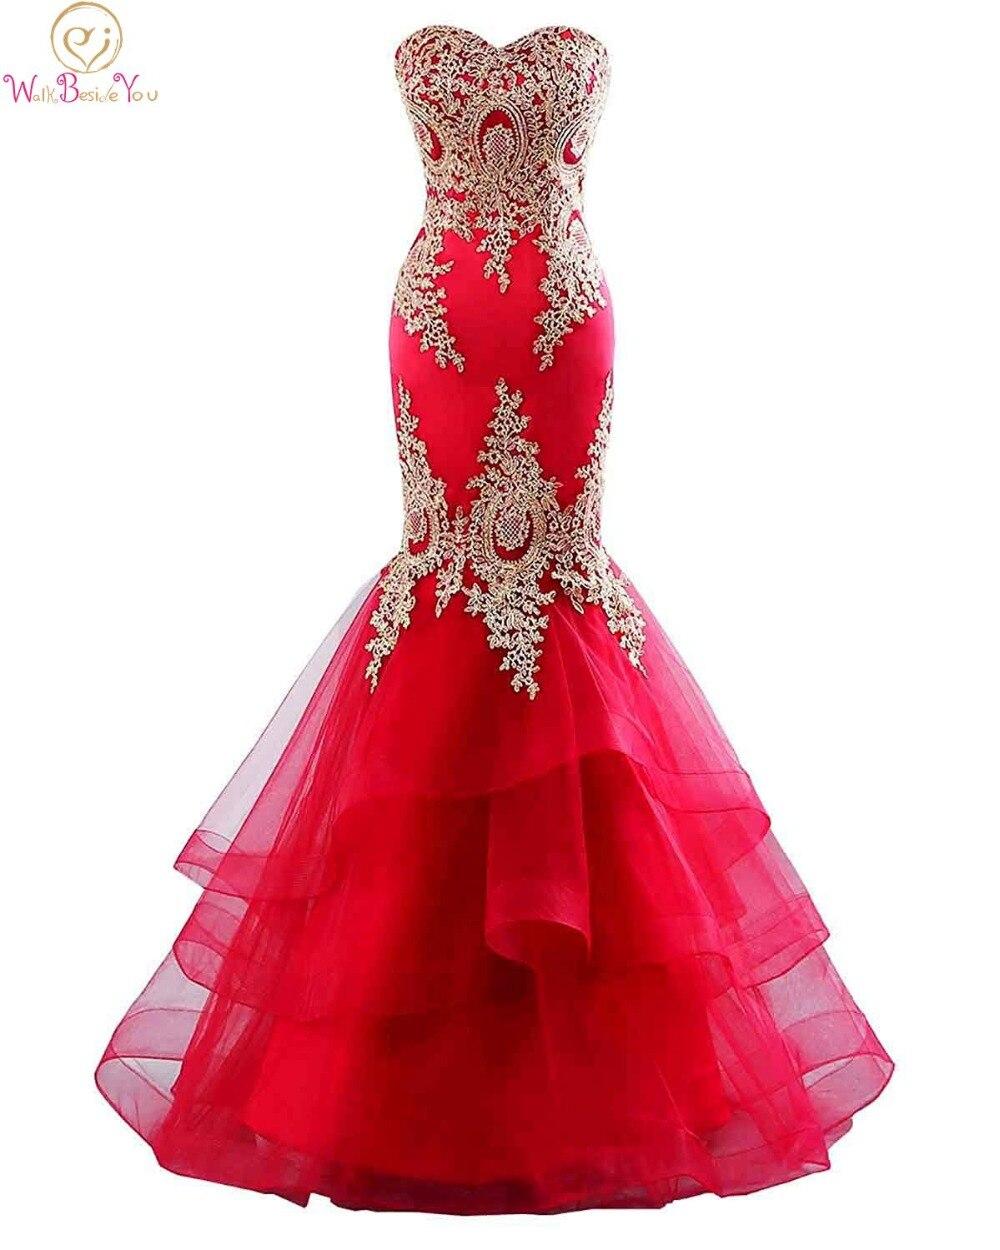 Élégant Sweethreart Cou robes de soirée 2019 Rouge Sirène Appliques robe de soirée Femmes Formelle Parti Longue robe suknie wieczorow